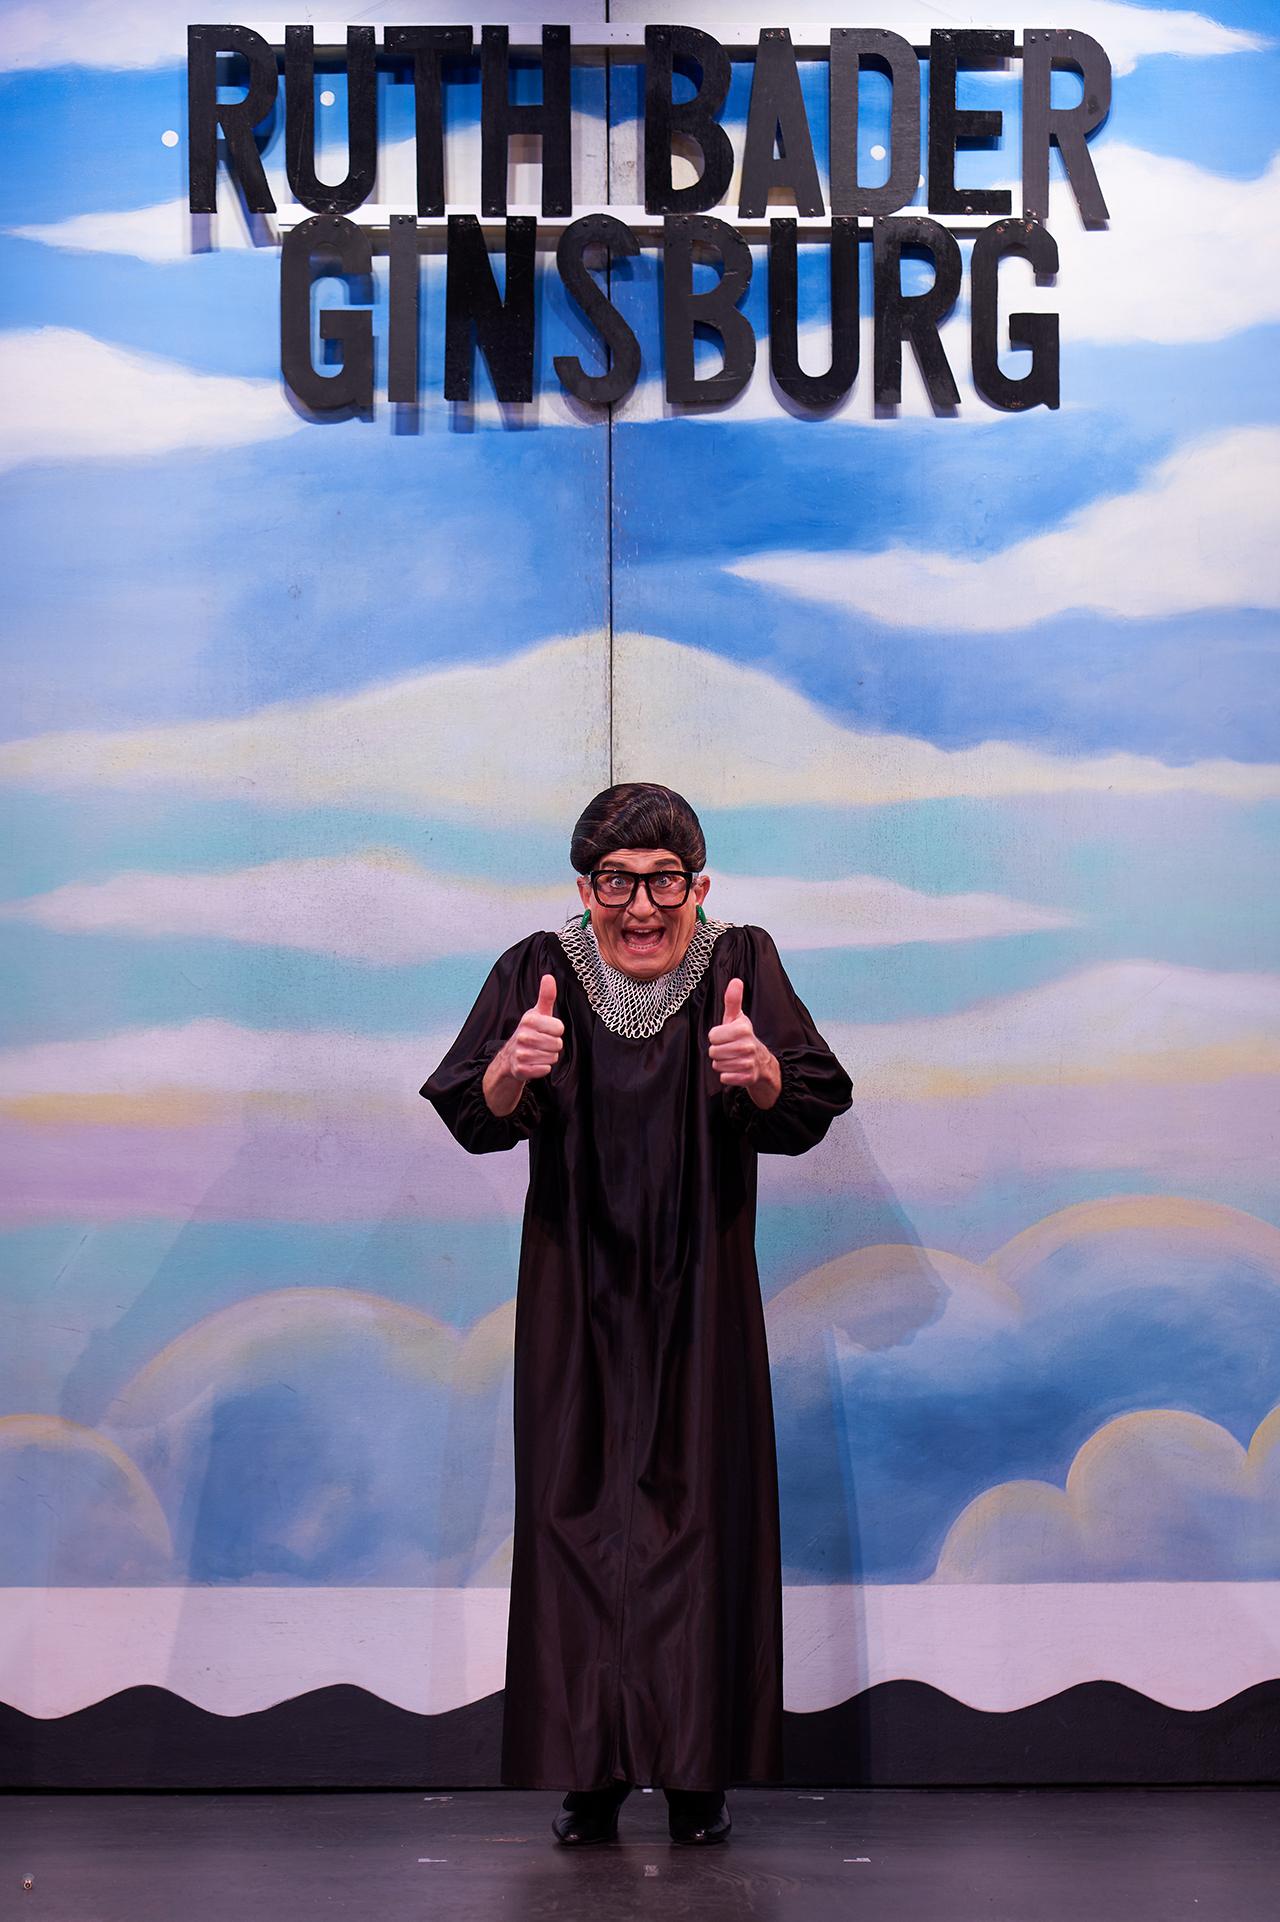 Ruth Bader Ginsburg.jpg